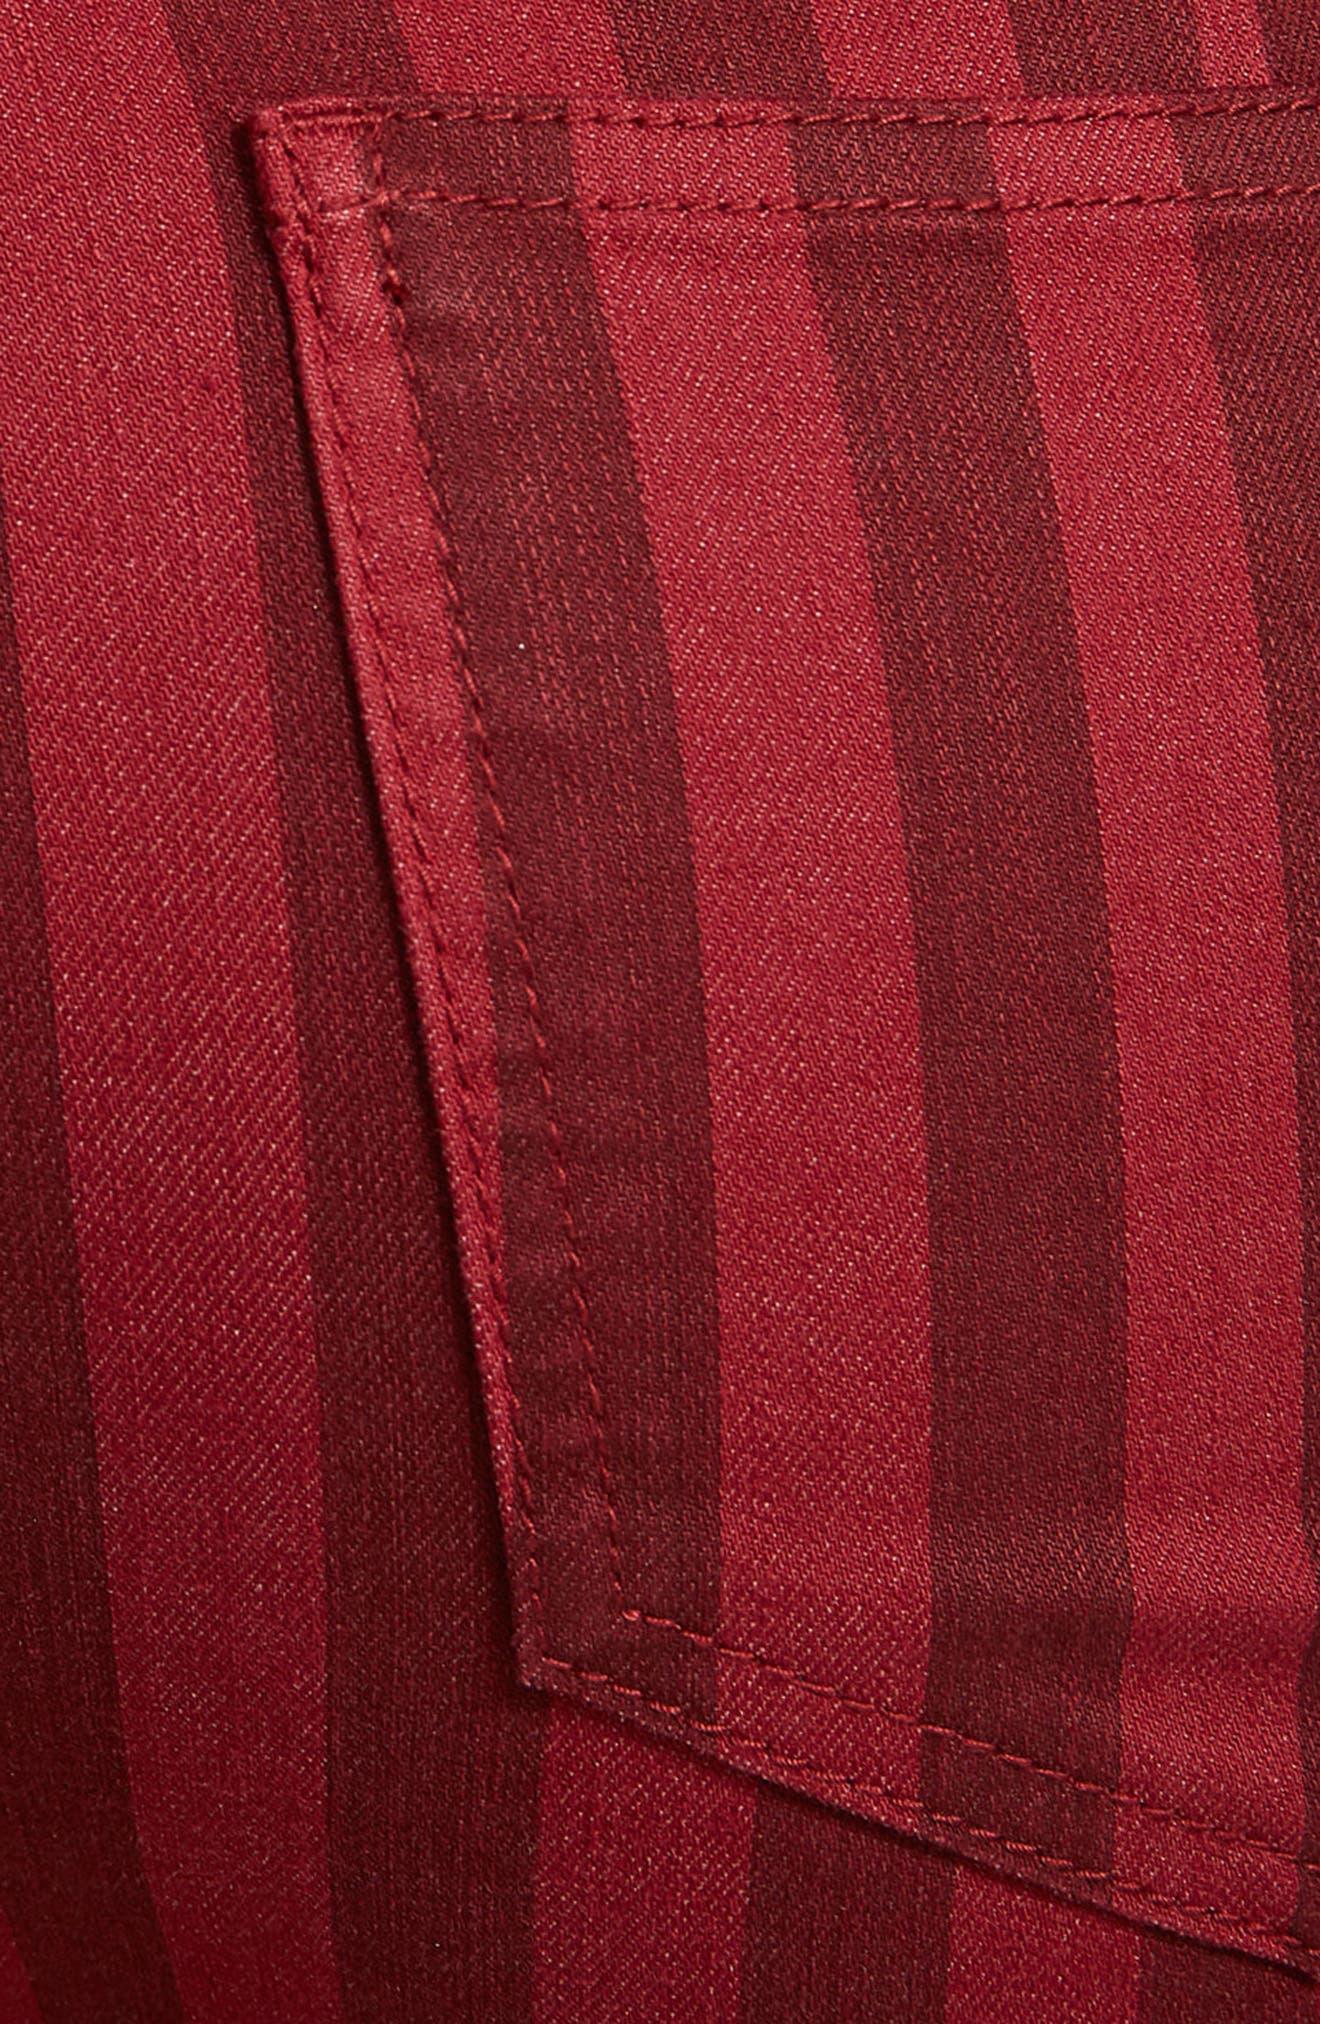 Claire Lace-Up Flare Leg Jeans,                             Alternate thumbnail 5, color,                             600